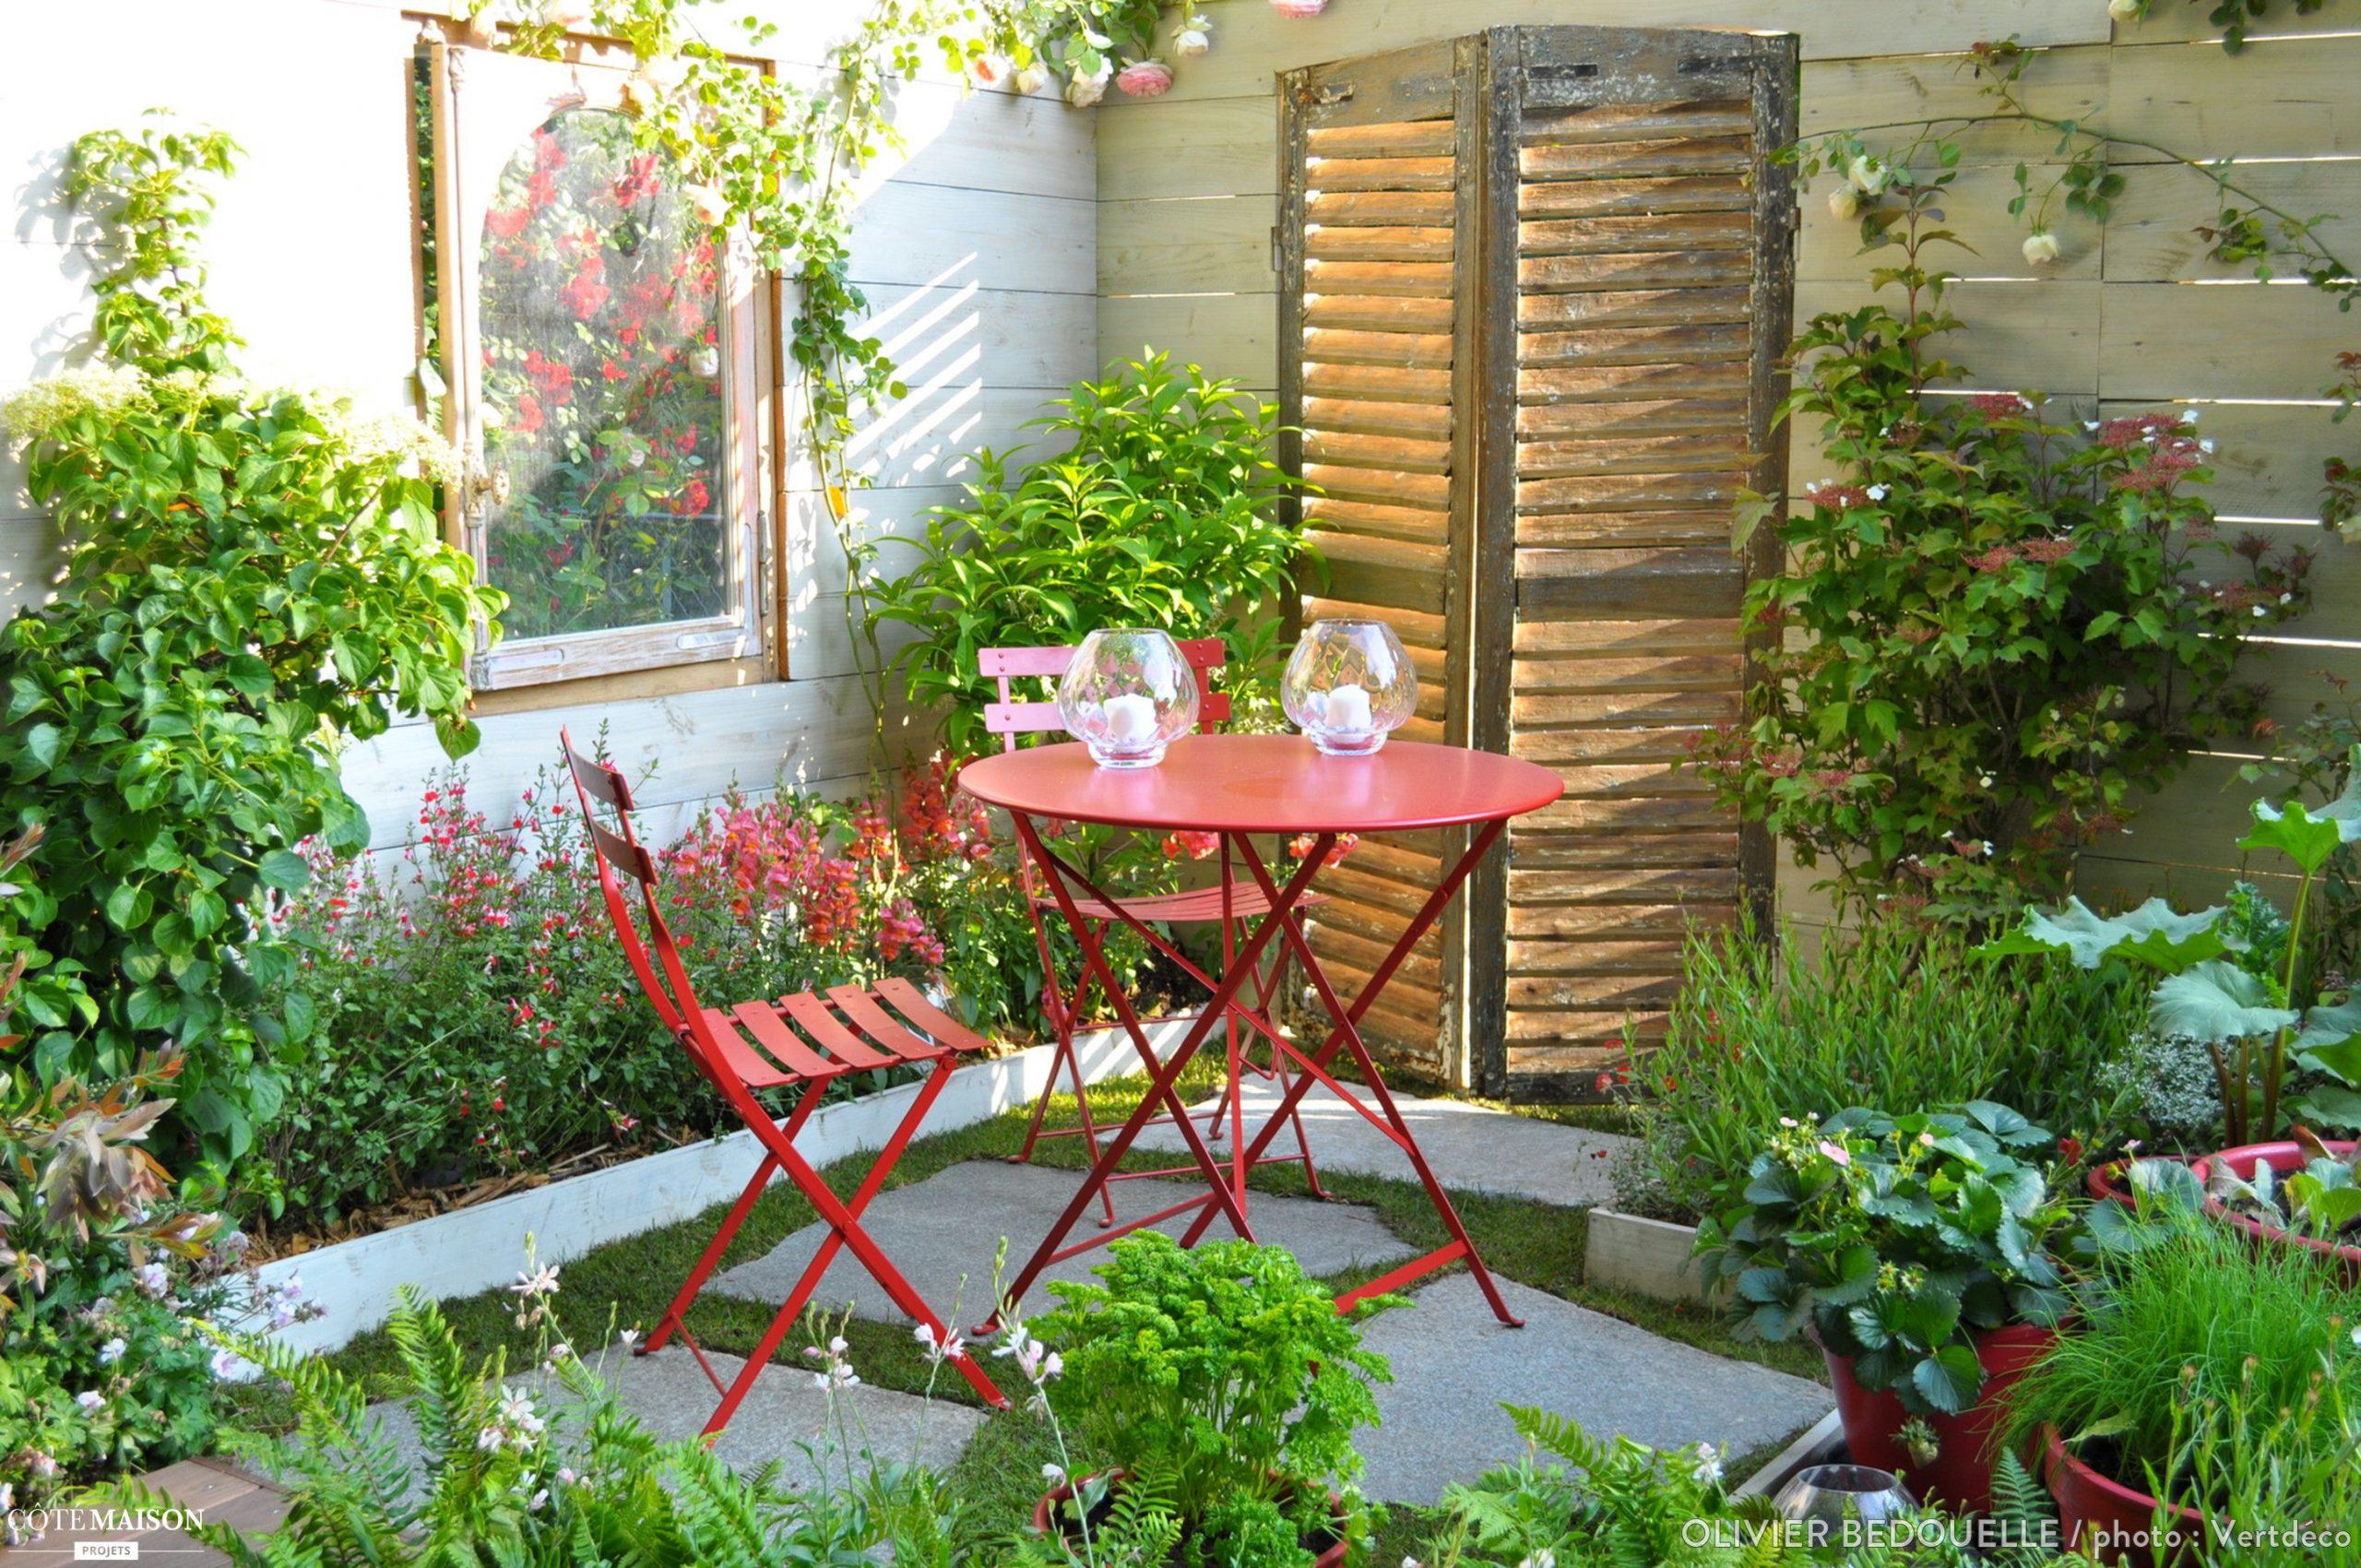 Projet : Aménagement D'un Petit Jardin À L'occasion Du Salon ... destiné Jardin Occasion